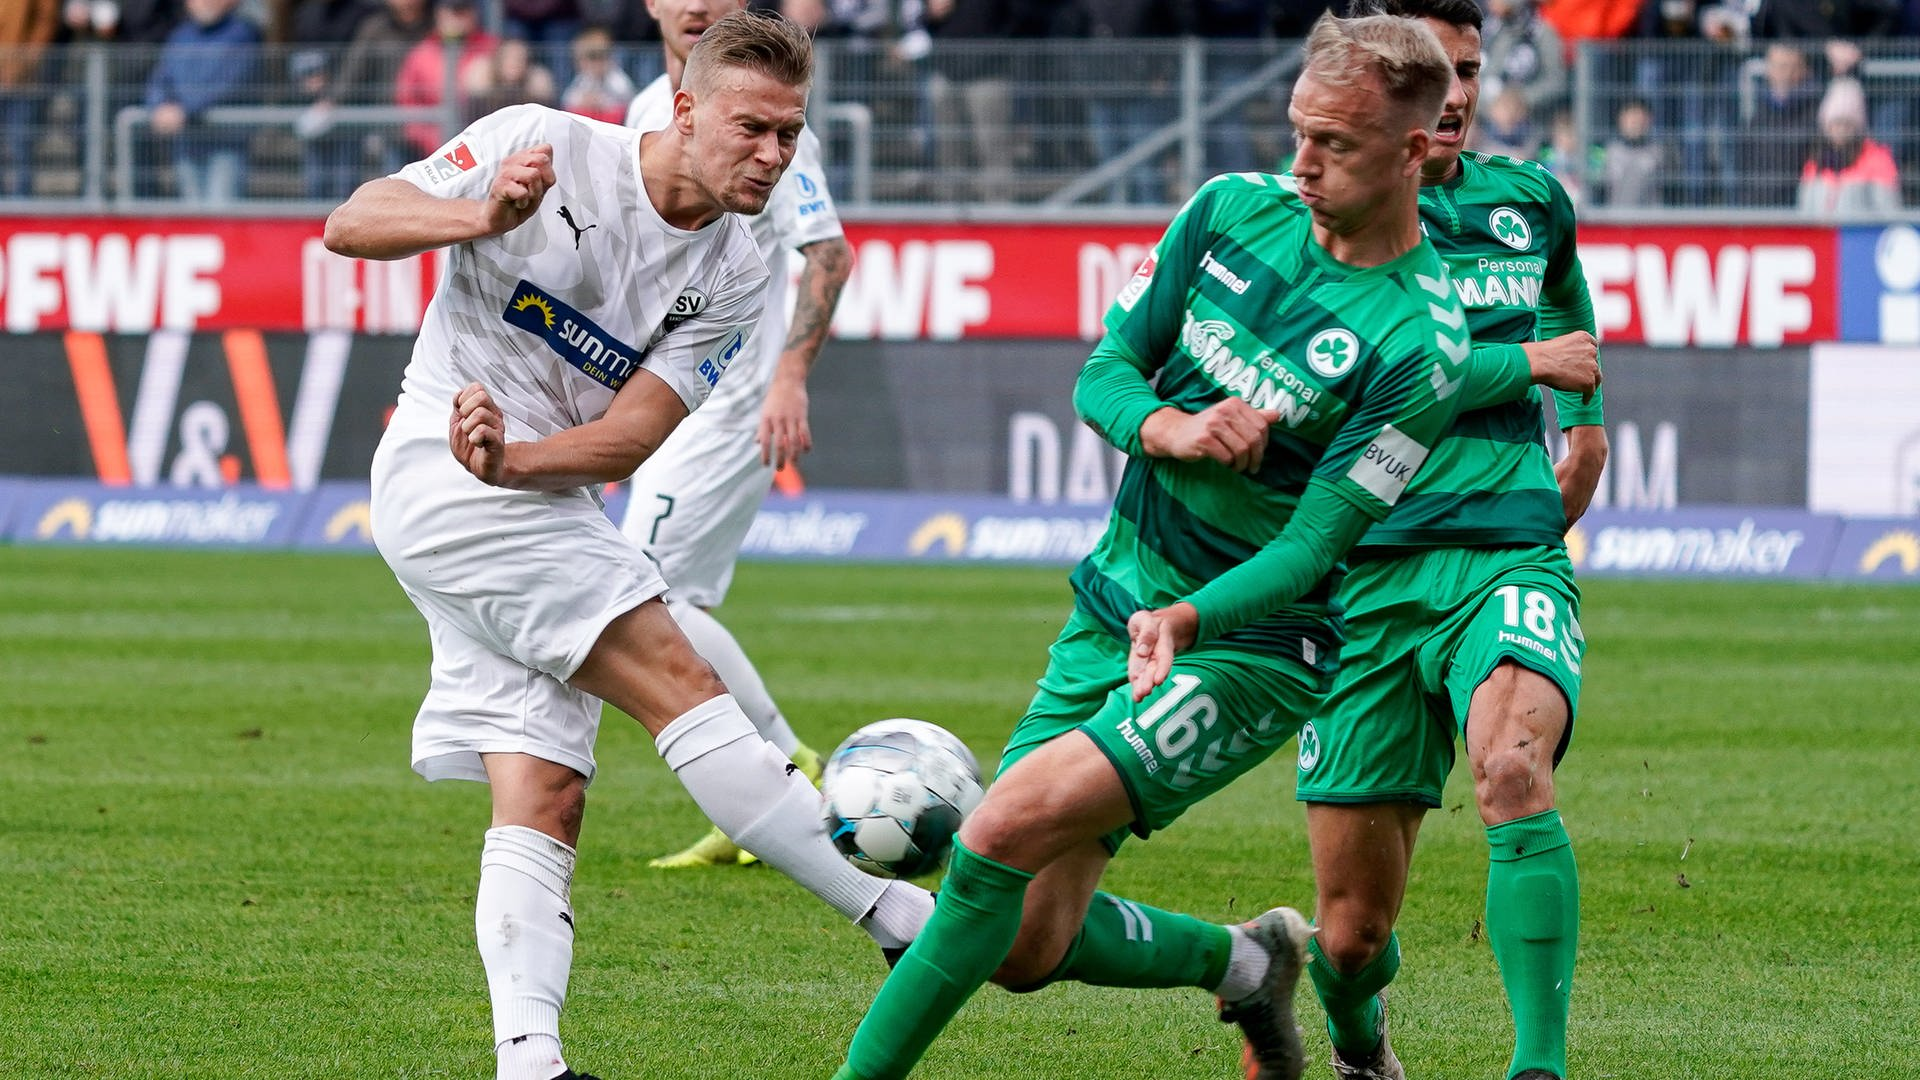 Soi kèo Sandhausen vs Greuther Furth, 00h30 ngày 12/12, Hạng 2 Đức